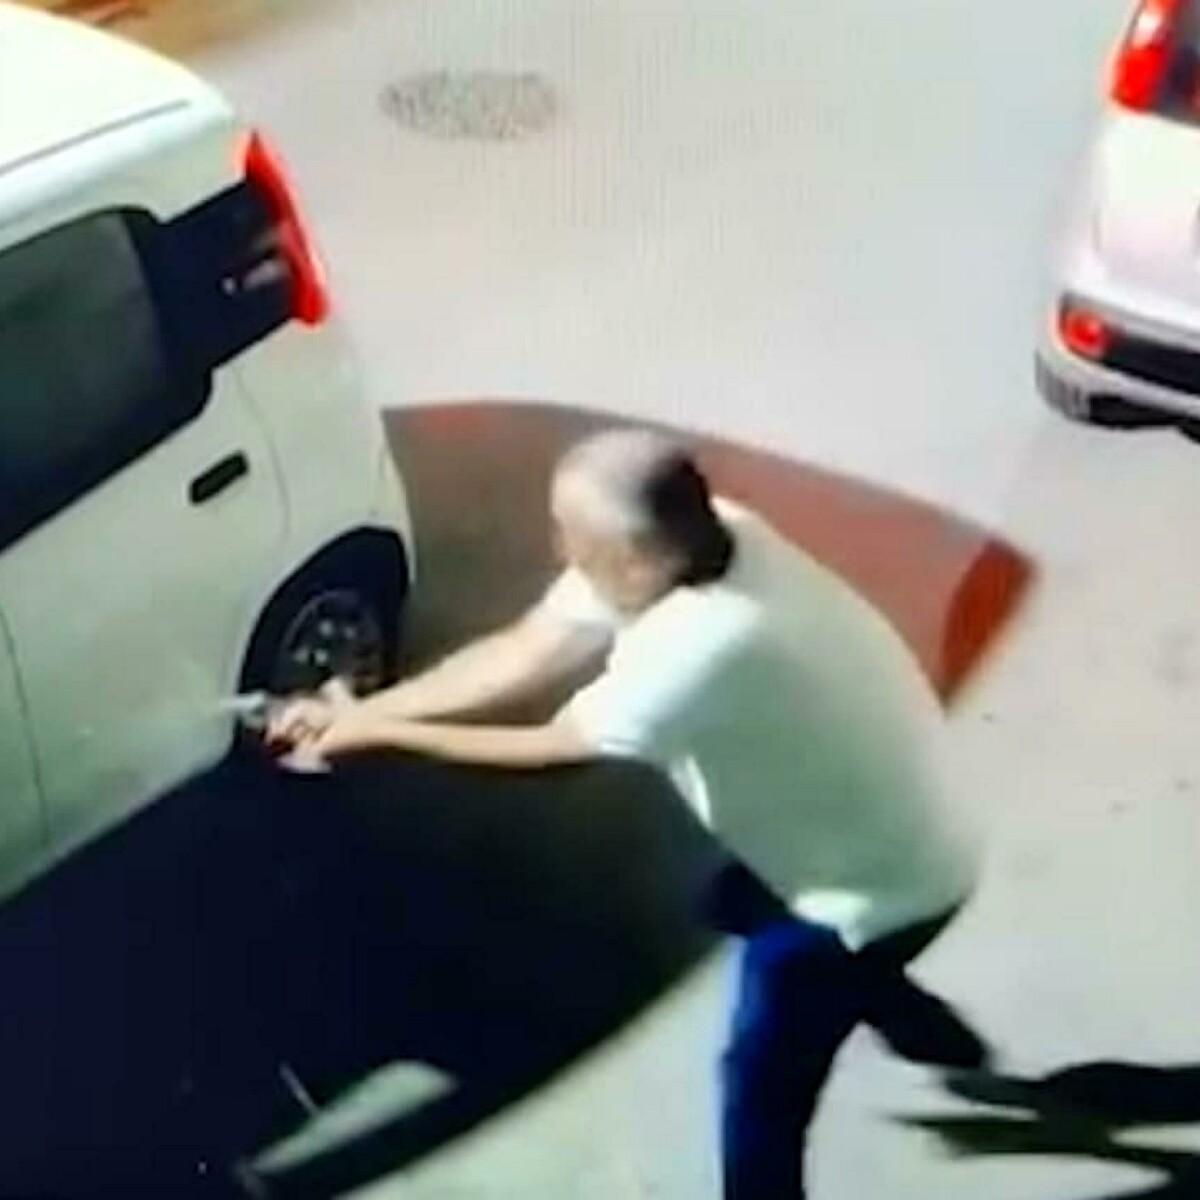 Spari contro l'ex socio: consigliere leghista arrestato per tentato omicidio